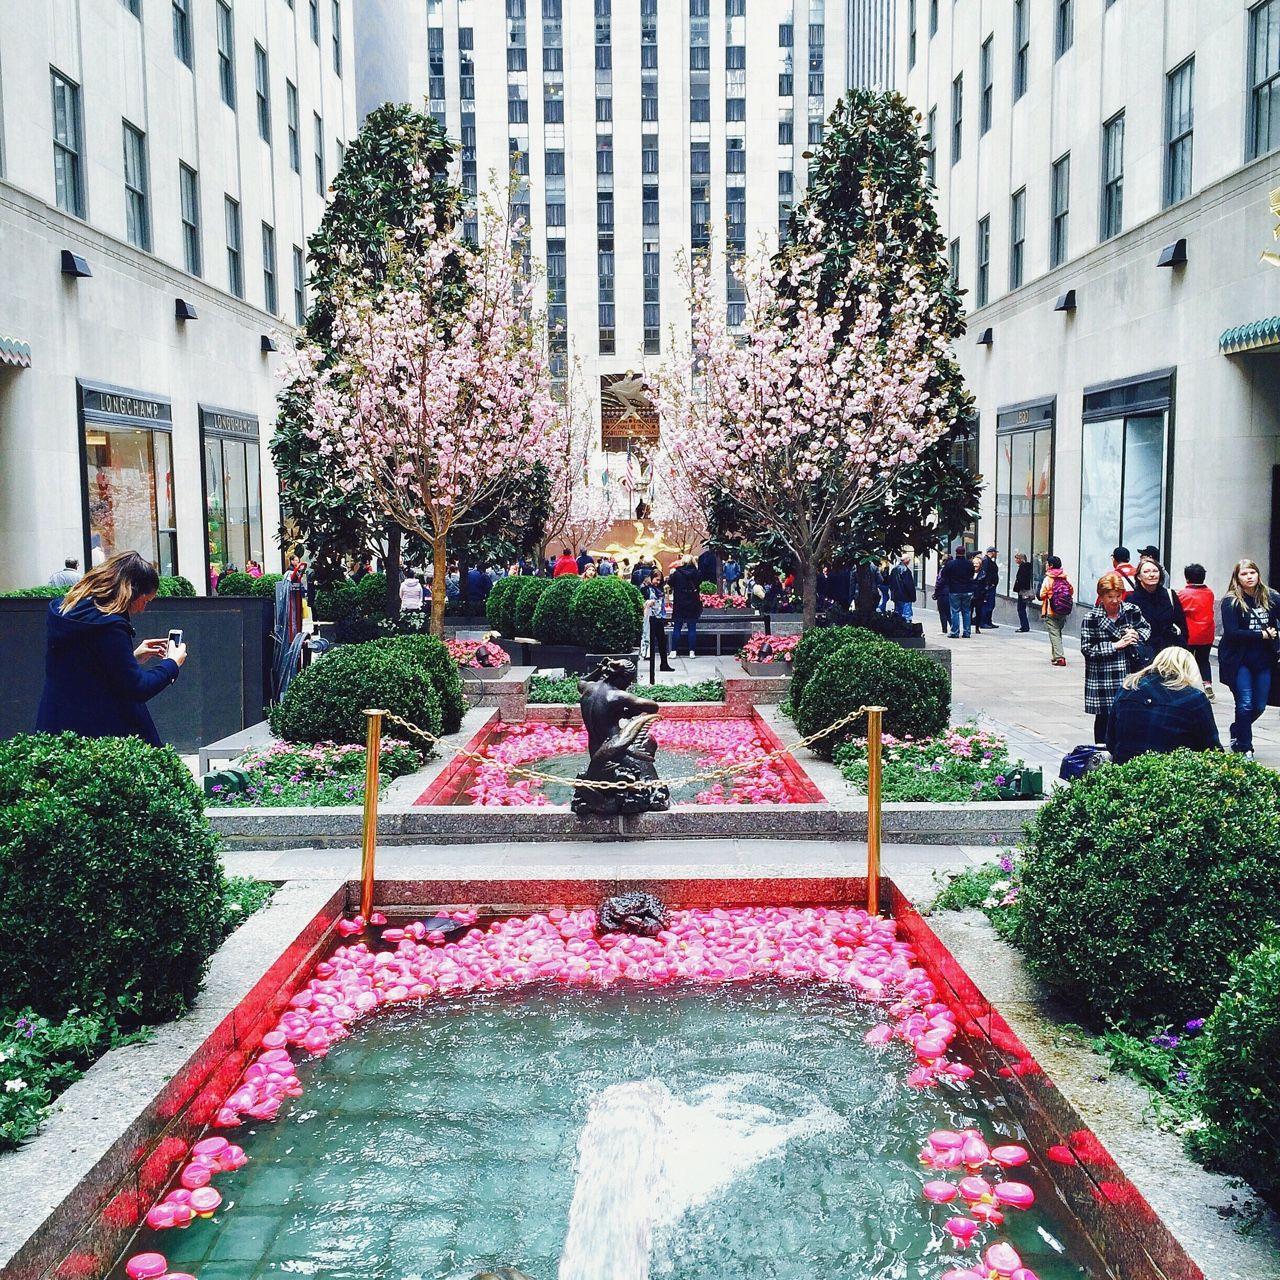 Rockefeller Center, NYC, NY. New York City, New York